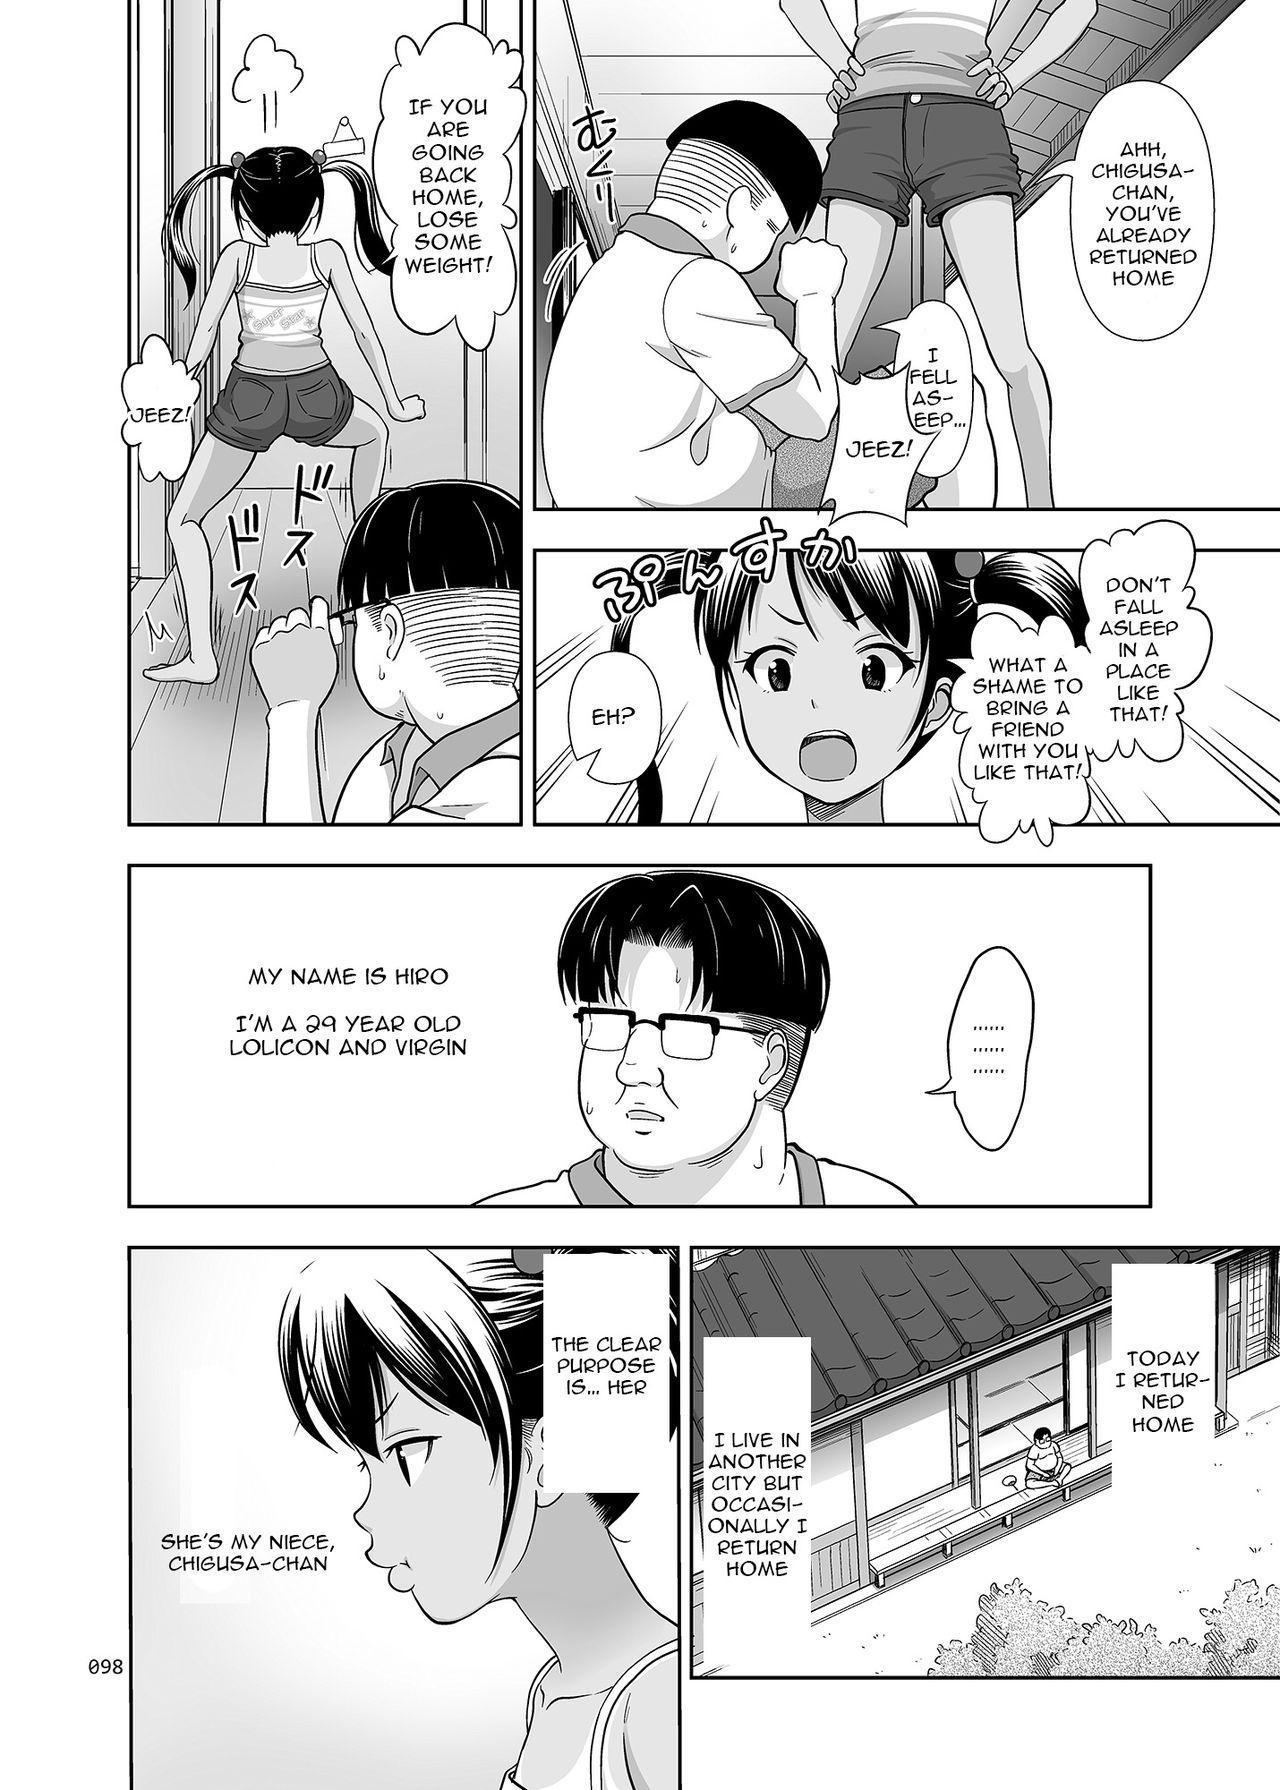 Meikko na Shoujo no Ehon Chapter 1, 3 - 4 65